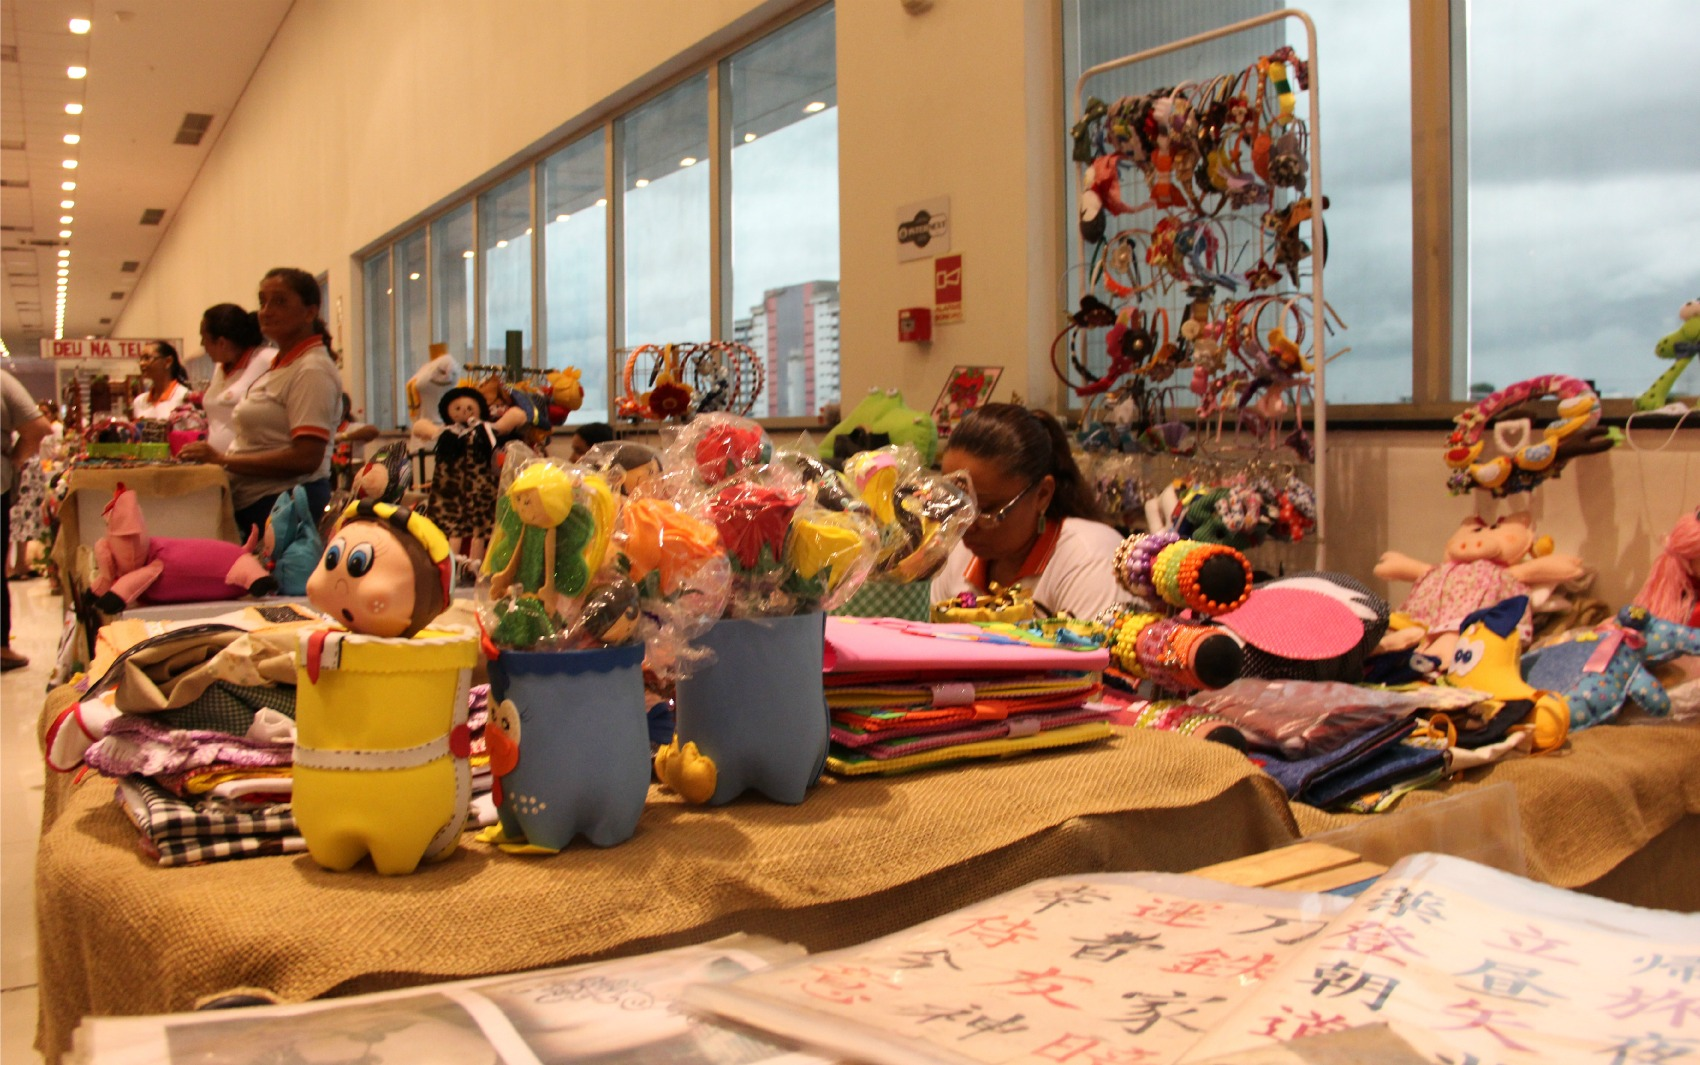 Artesanato Na Tv Rede Vida ~ FOTOS 2 u00aa Mundial Art reúne 15 mil itens de artesanato no AM fotos em Amazonas g1